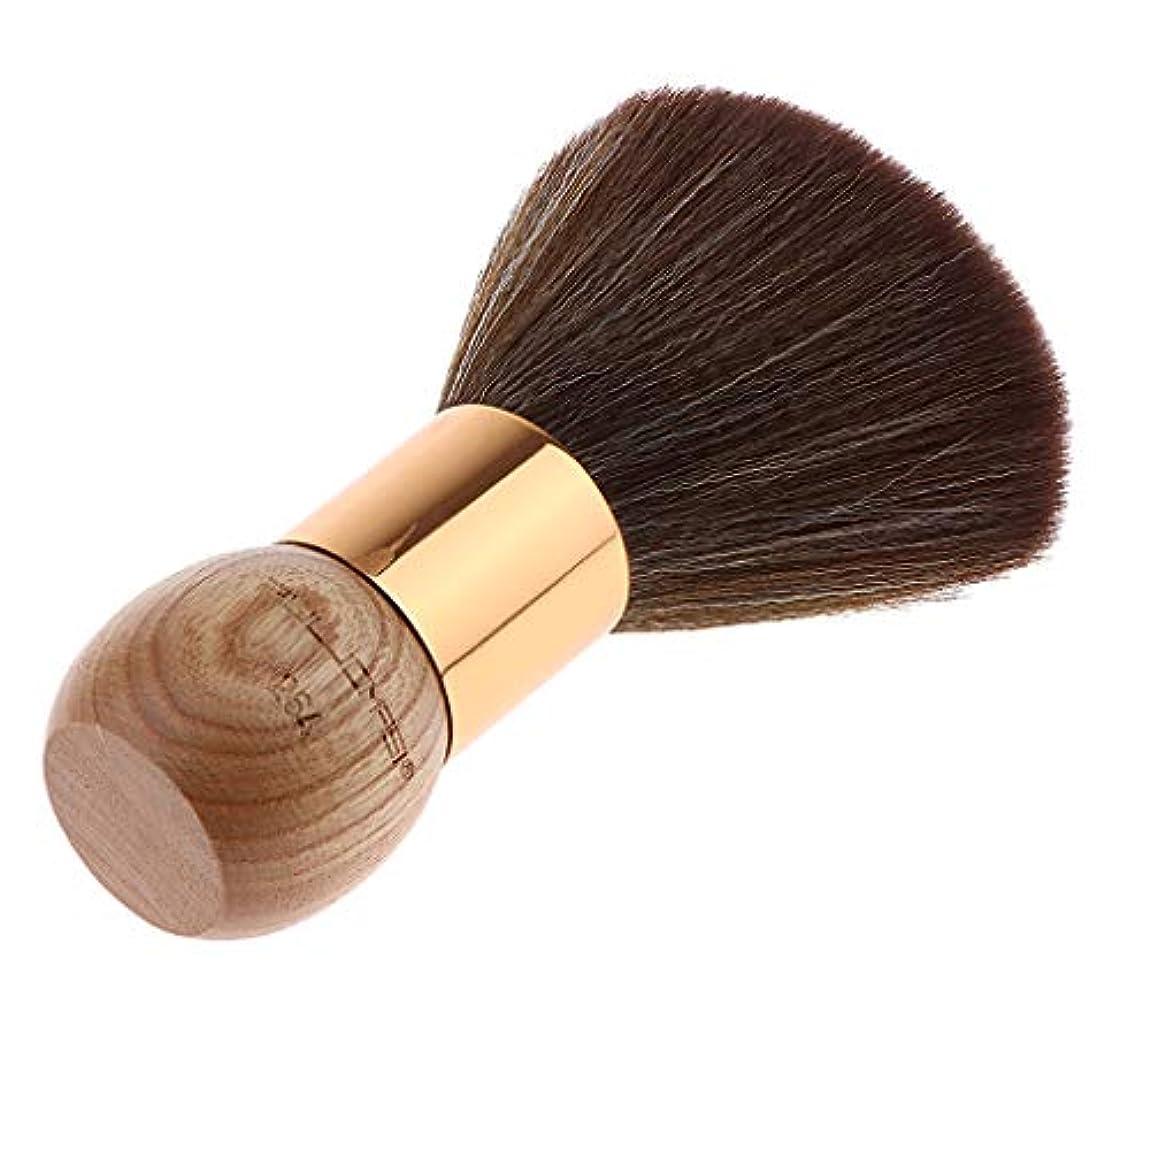 軽食ジェームズダイソン可能性メンズ用 髭剃り ブラシ シェービングブラシ 木製ハンドル 男性 ギフト理容 洗顔 髭剃り